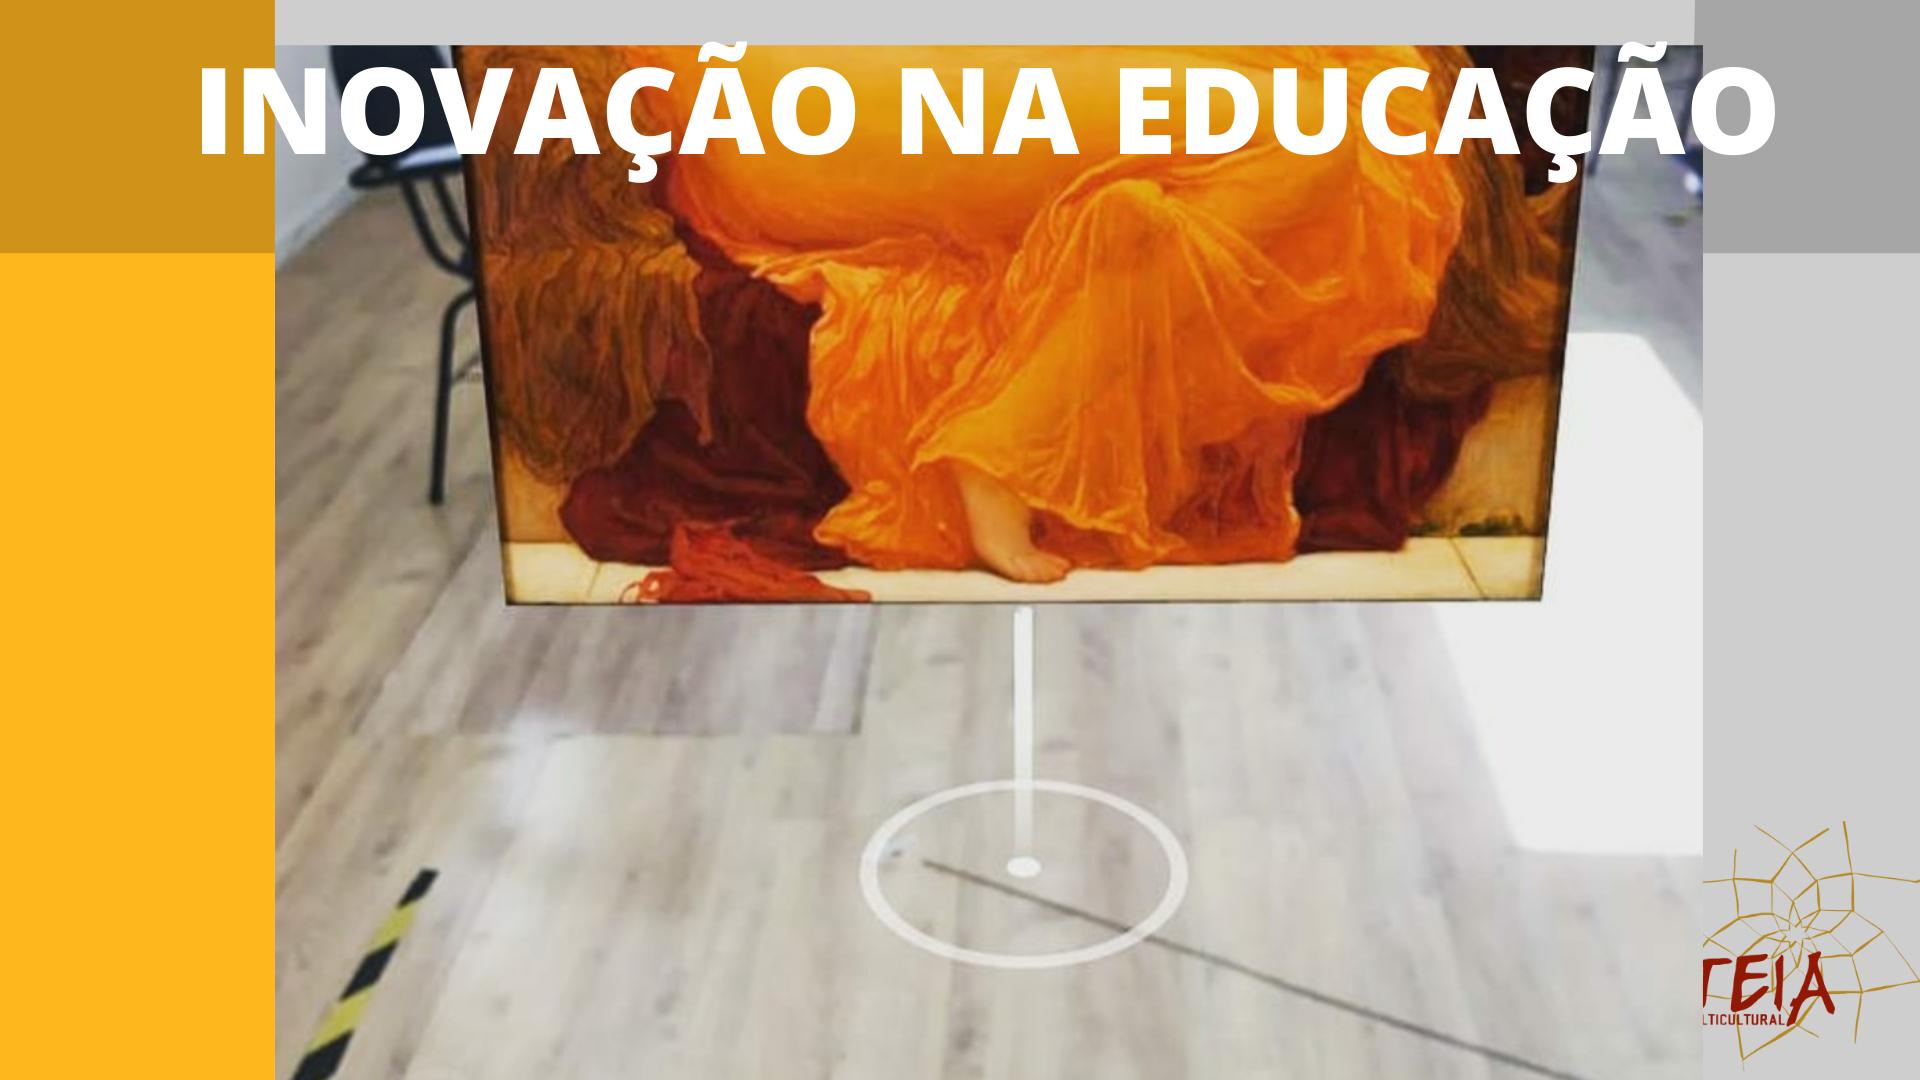 You are currently viewing A Inovação na Educação – Escola